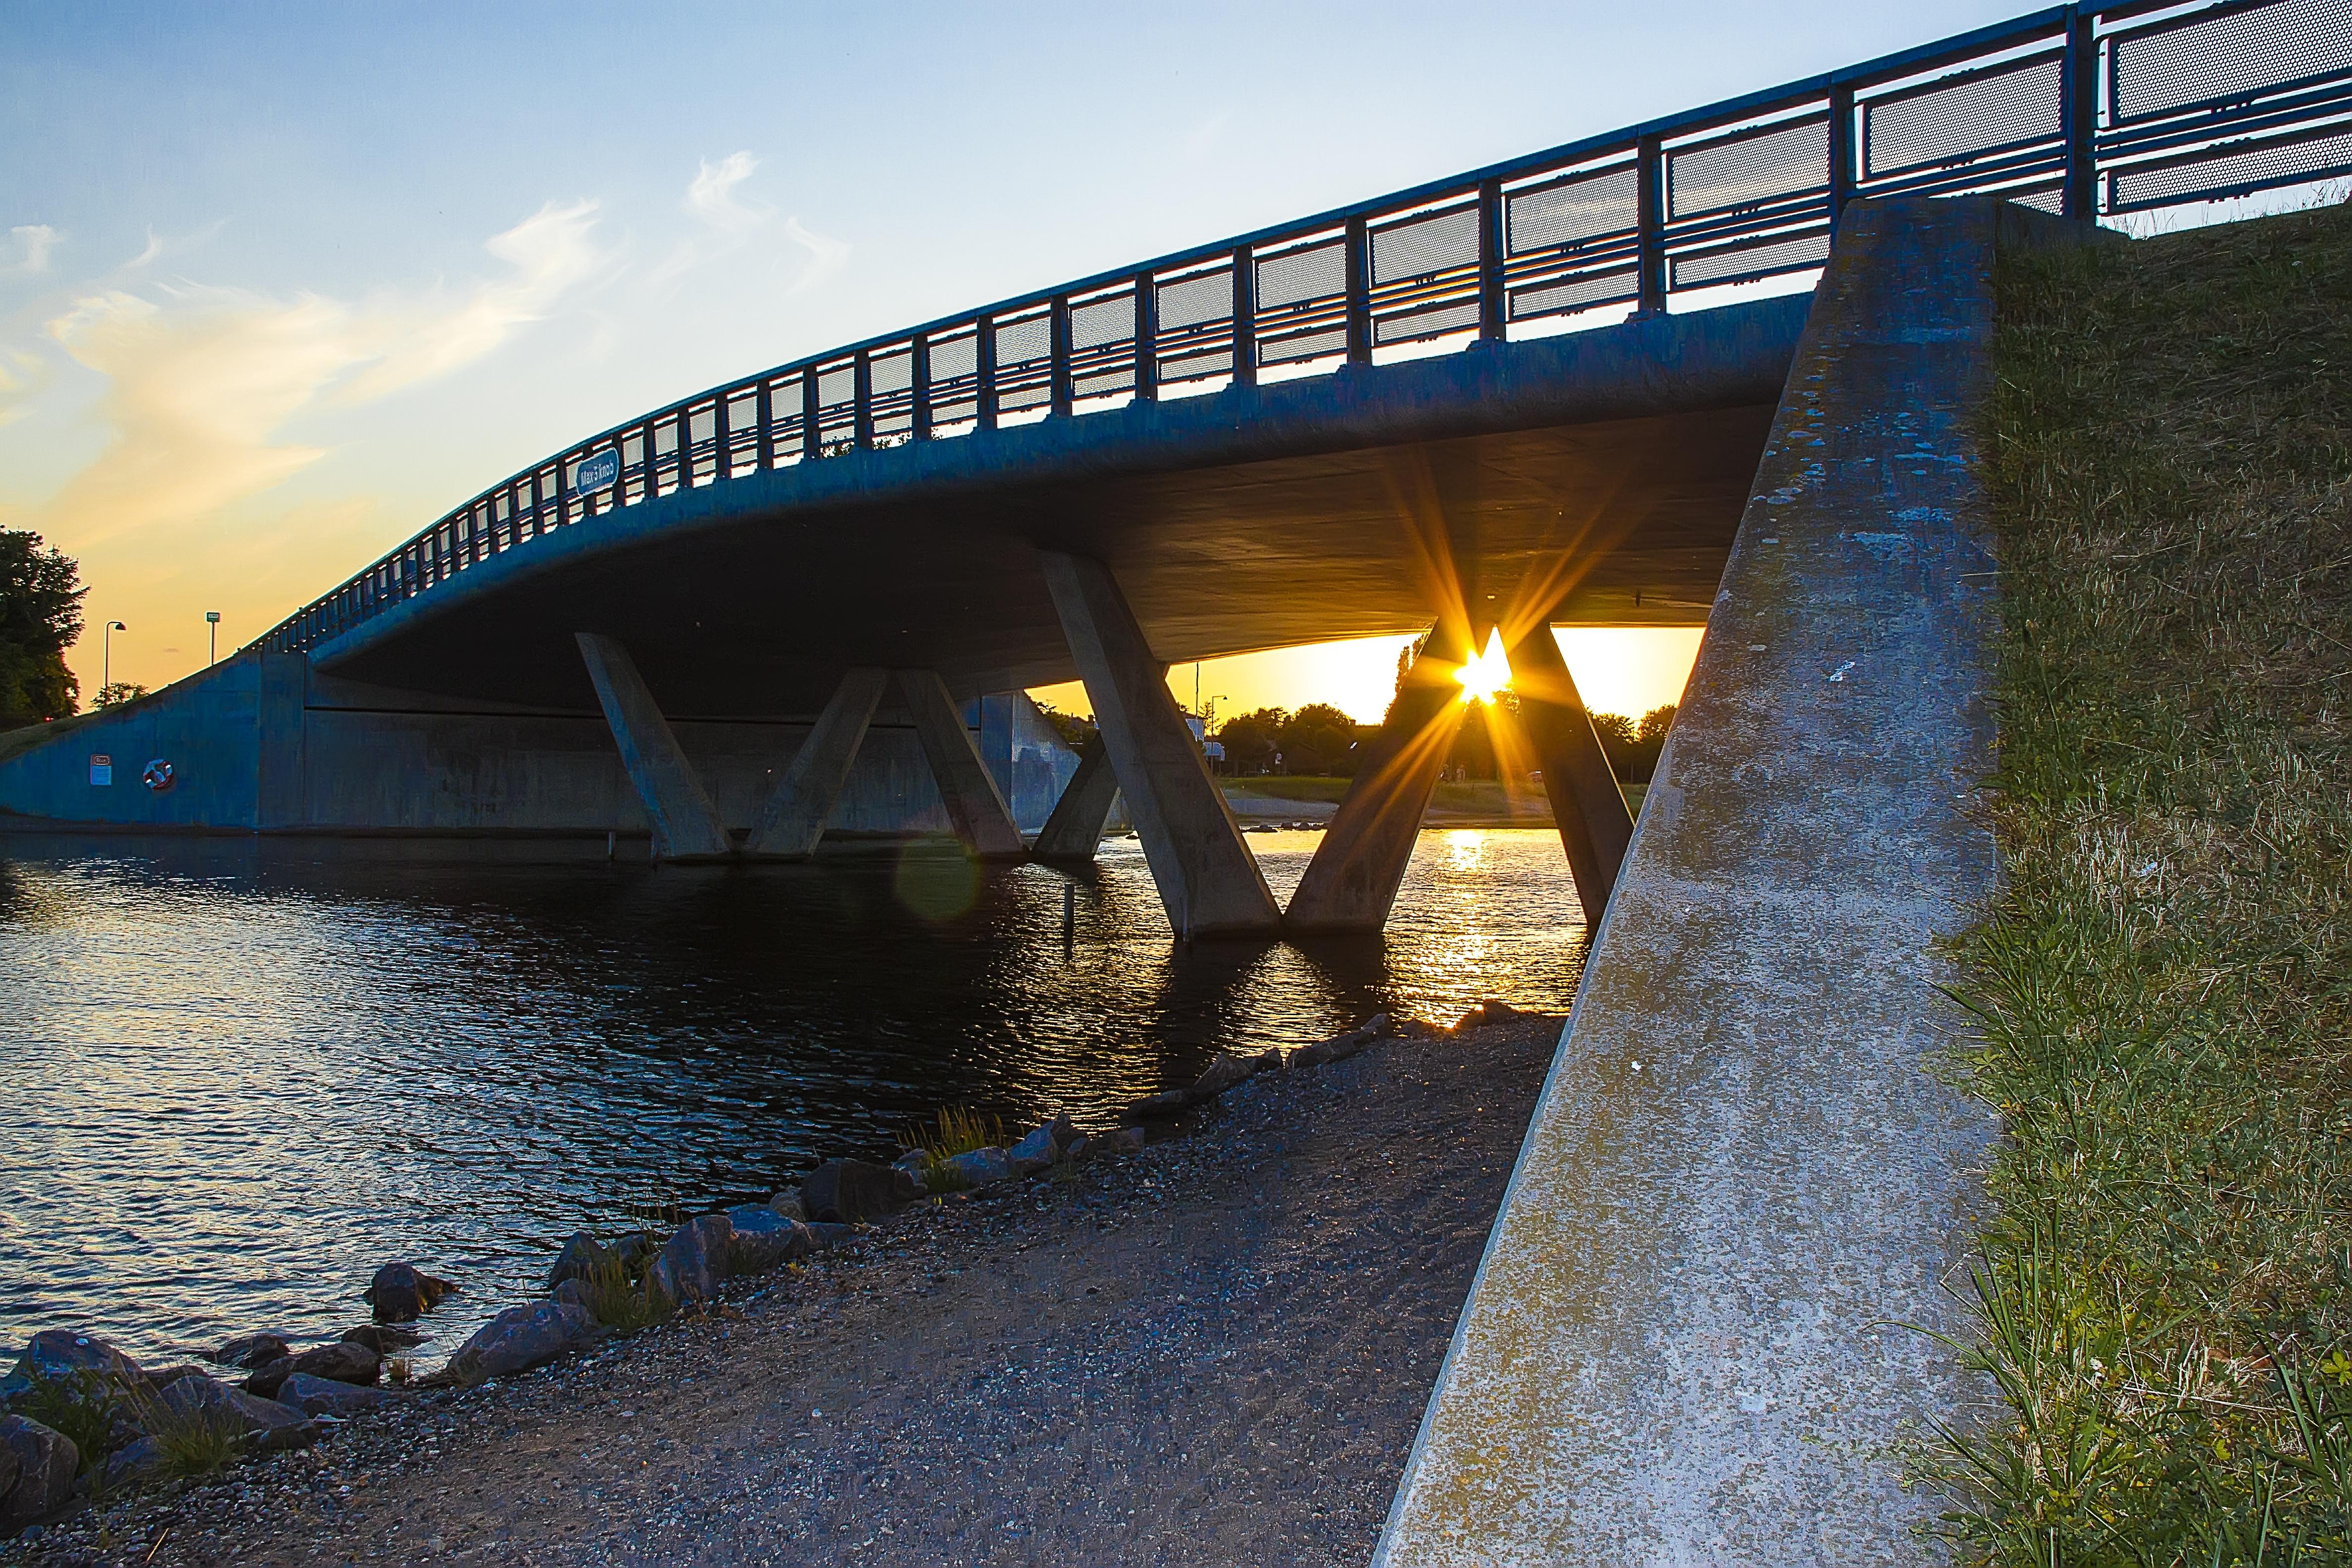 картинки реки под мостом или иначе, этой